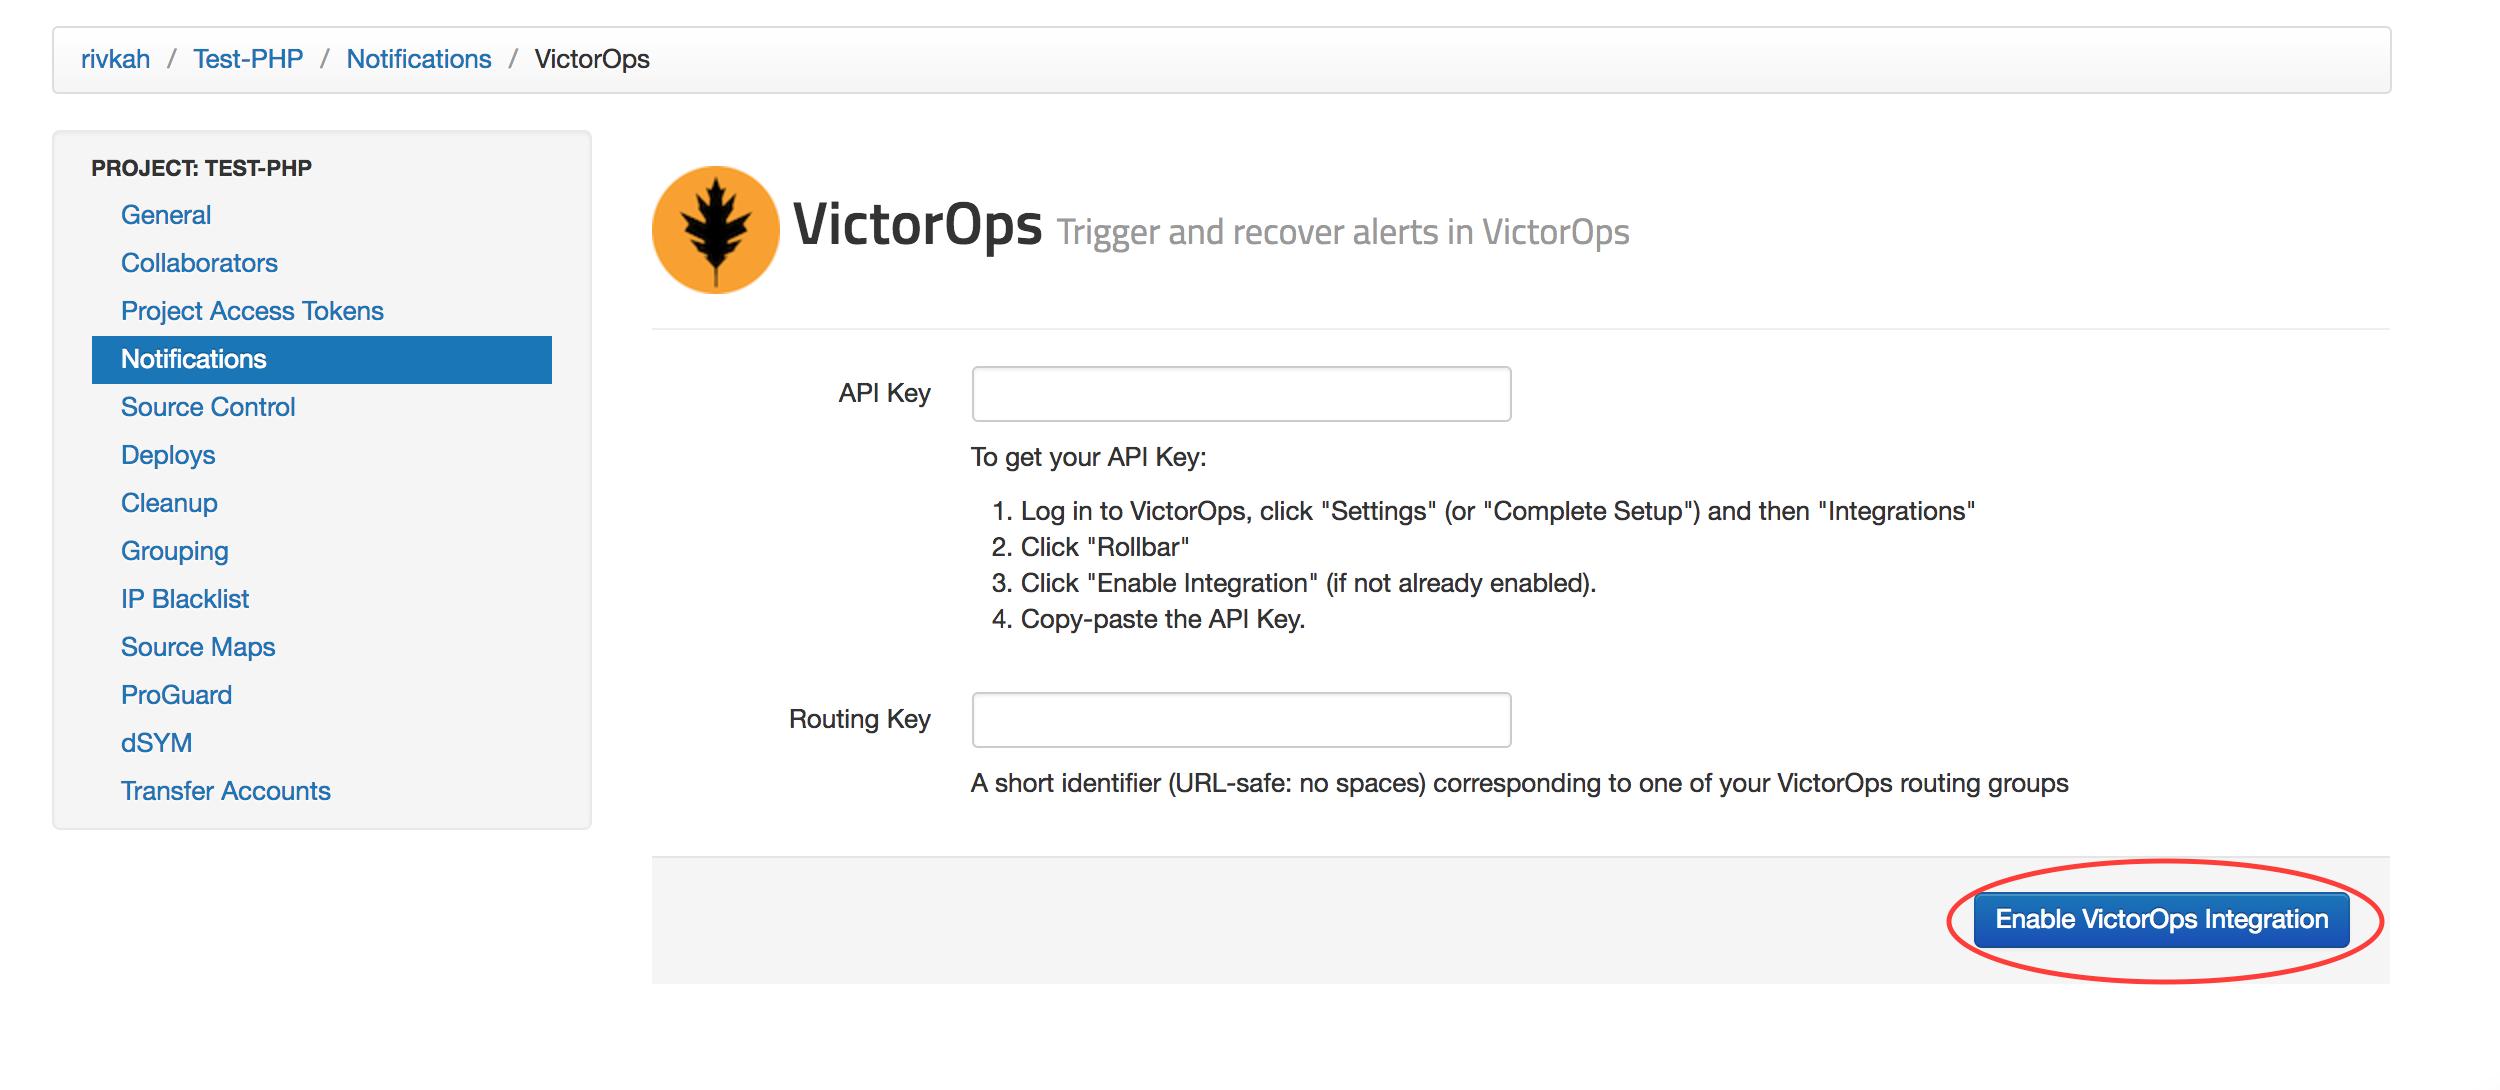 victorops4